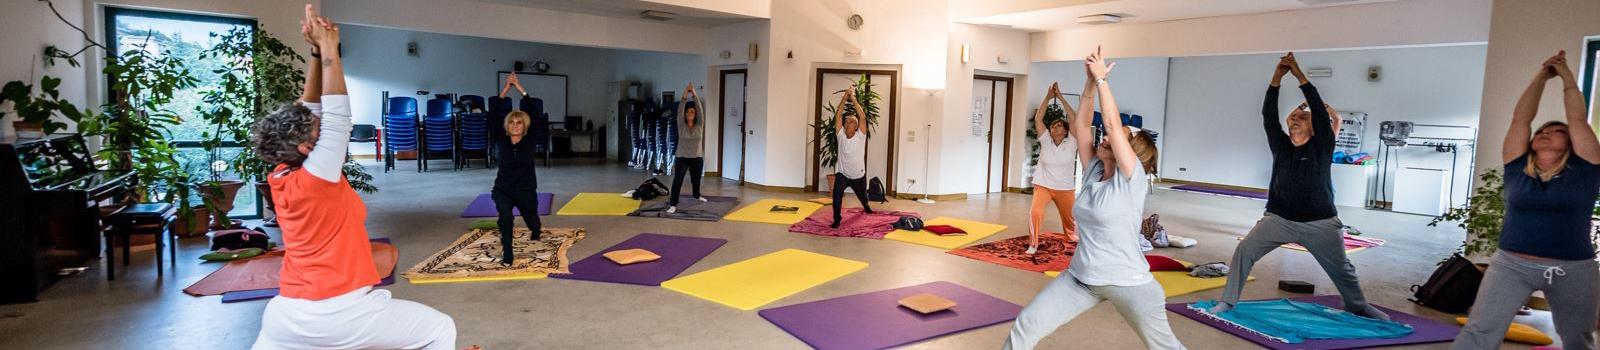 Foto di una nostra lezione di Yoga nella nostra aula magna sita all'Orsa Maggiore